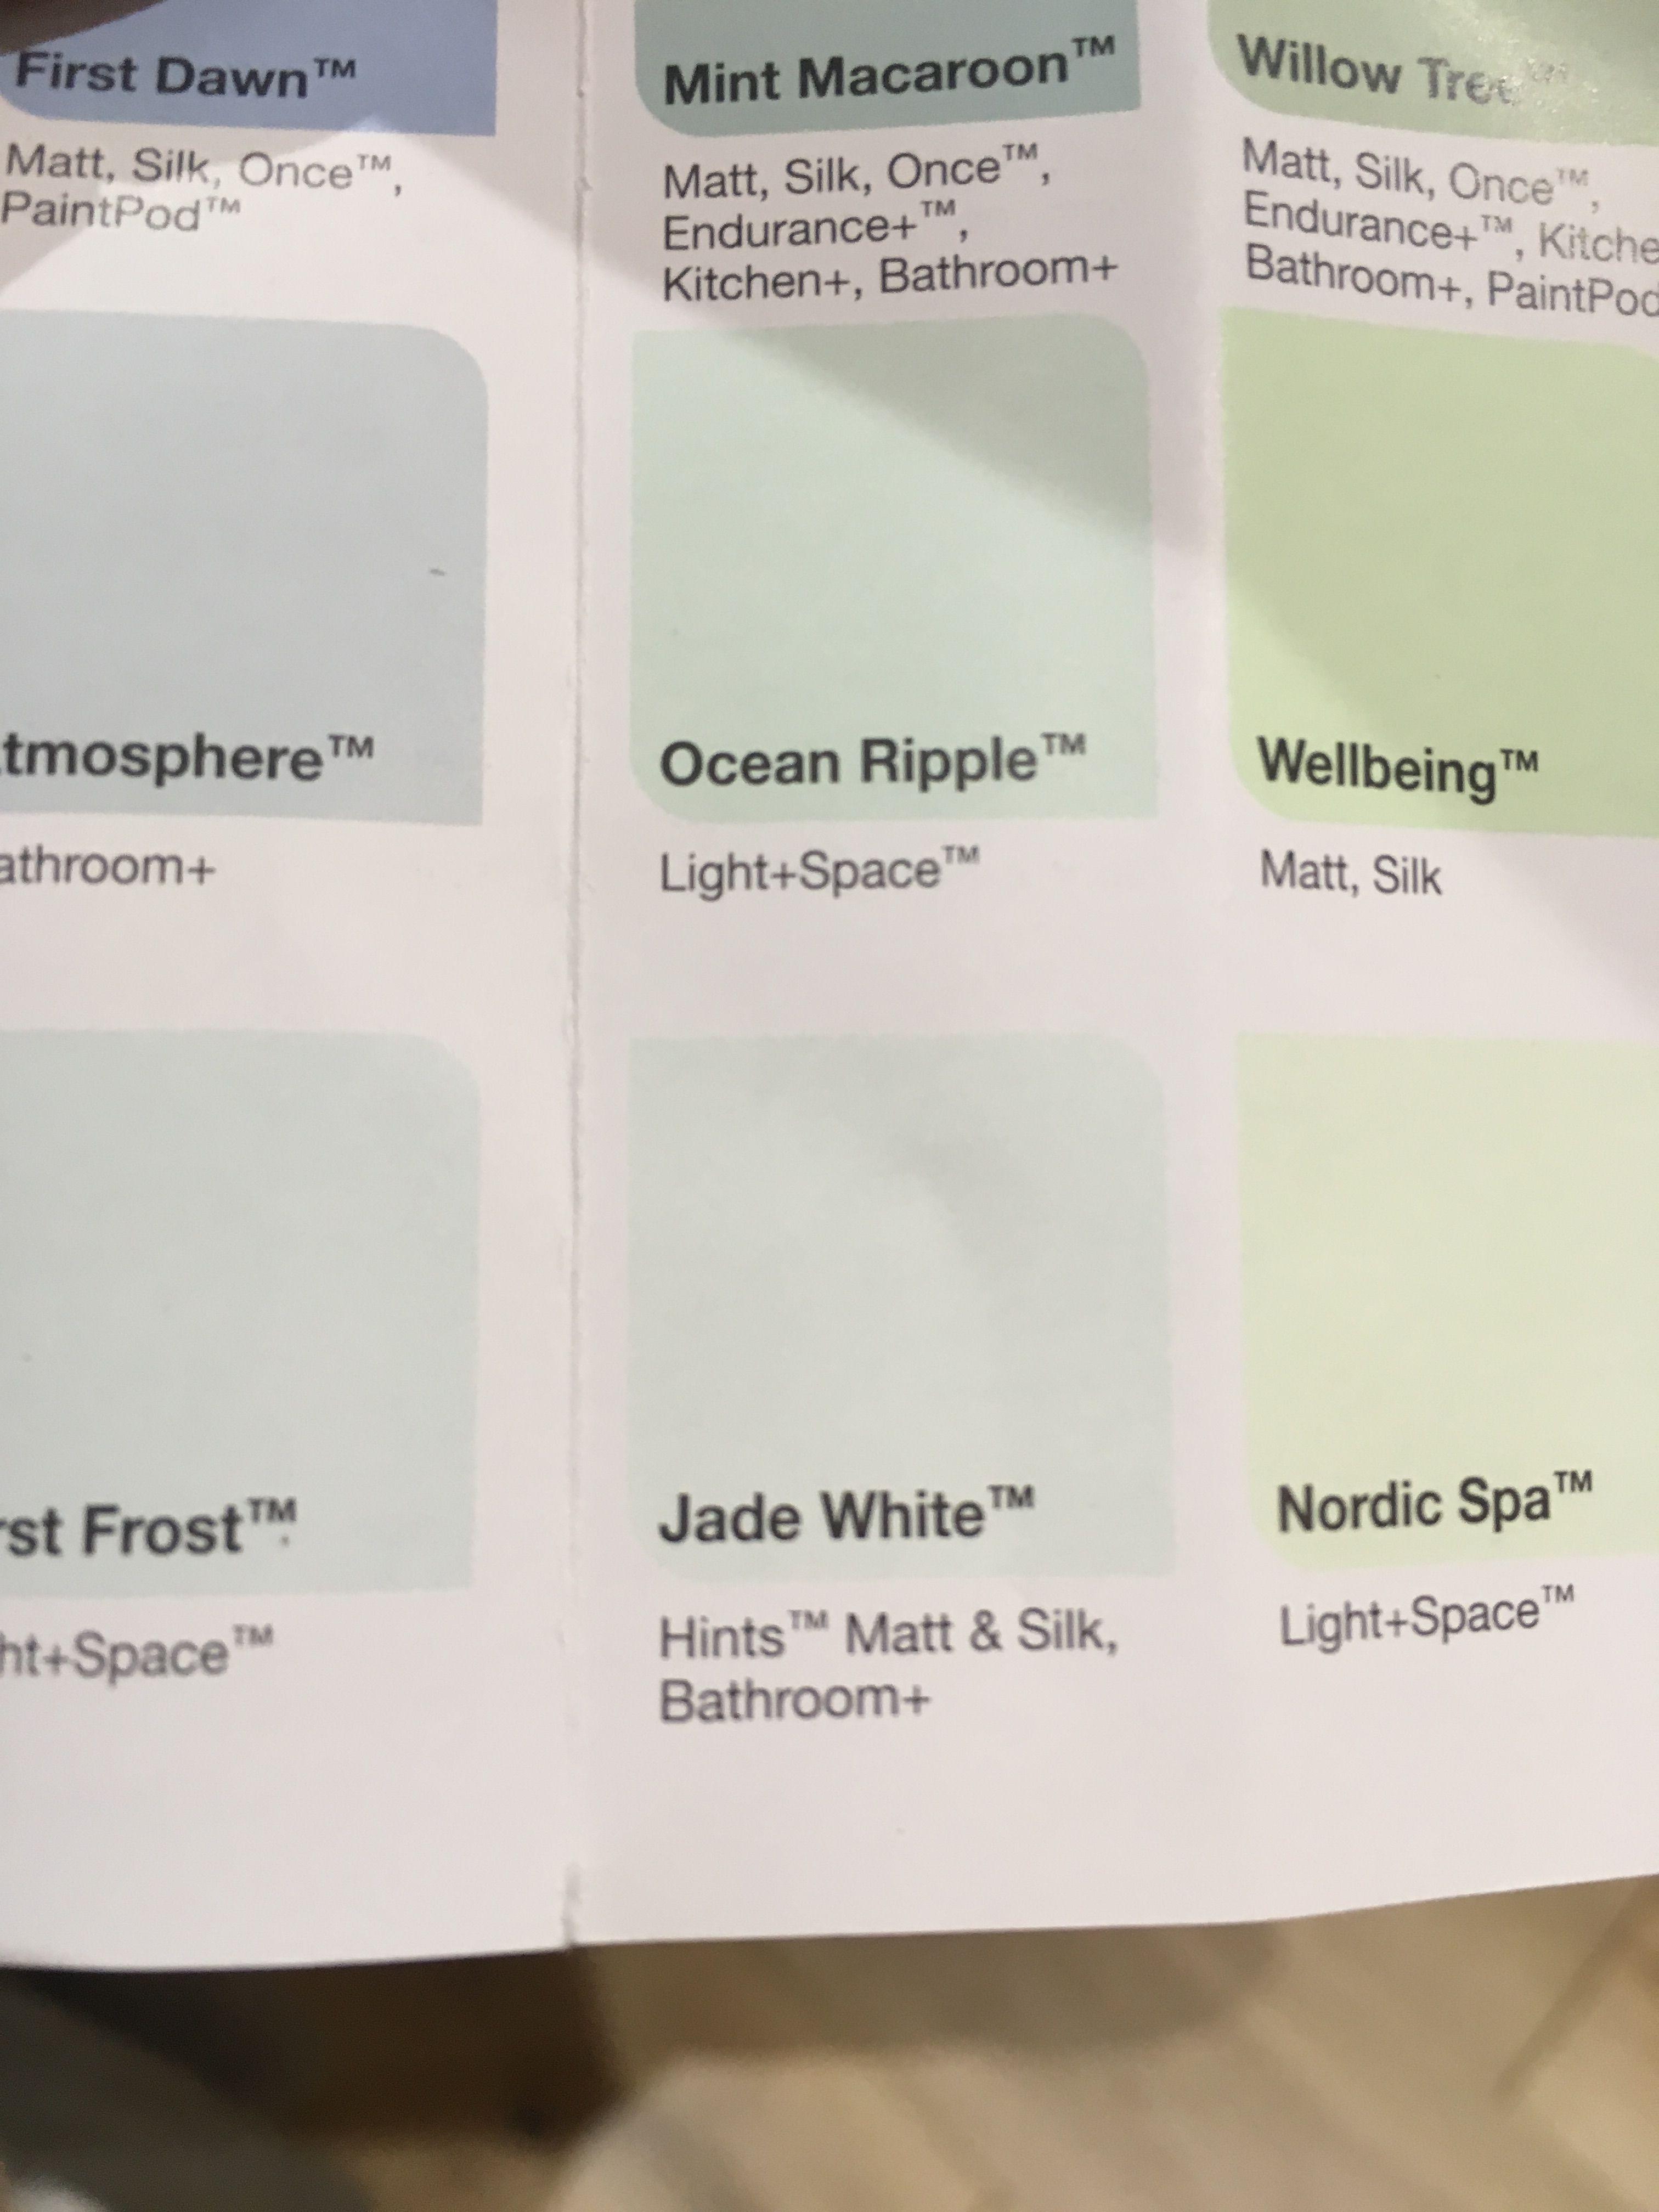 Jade white